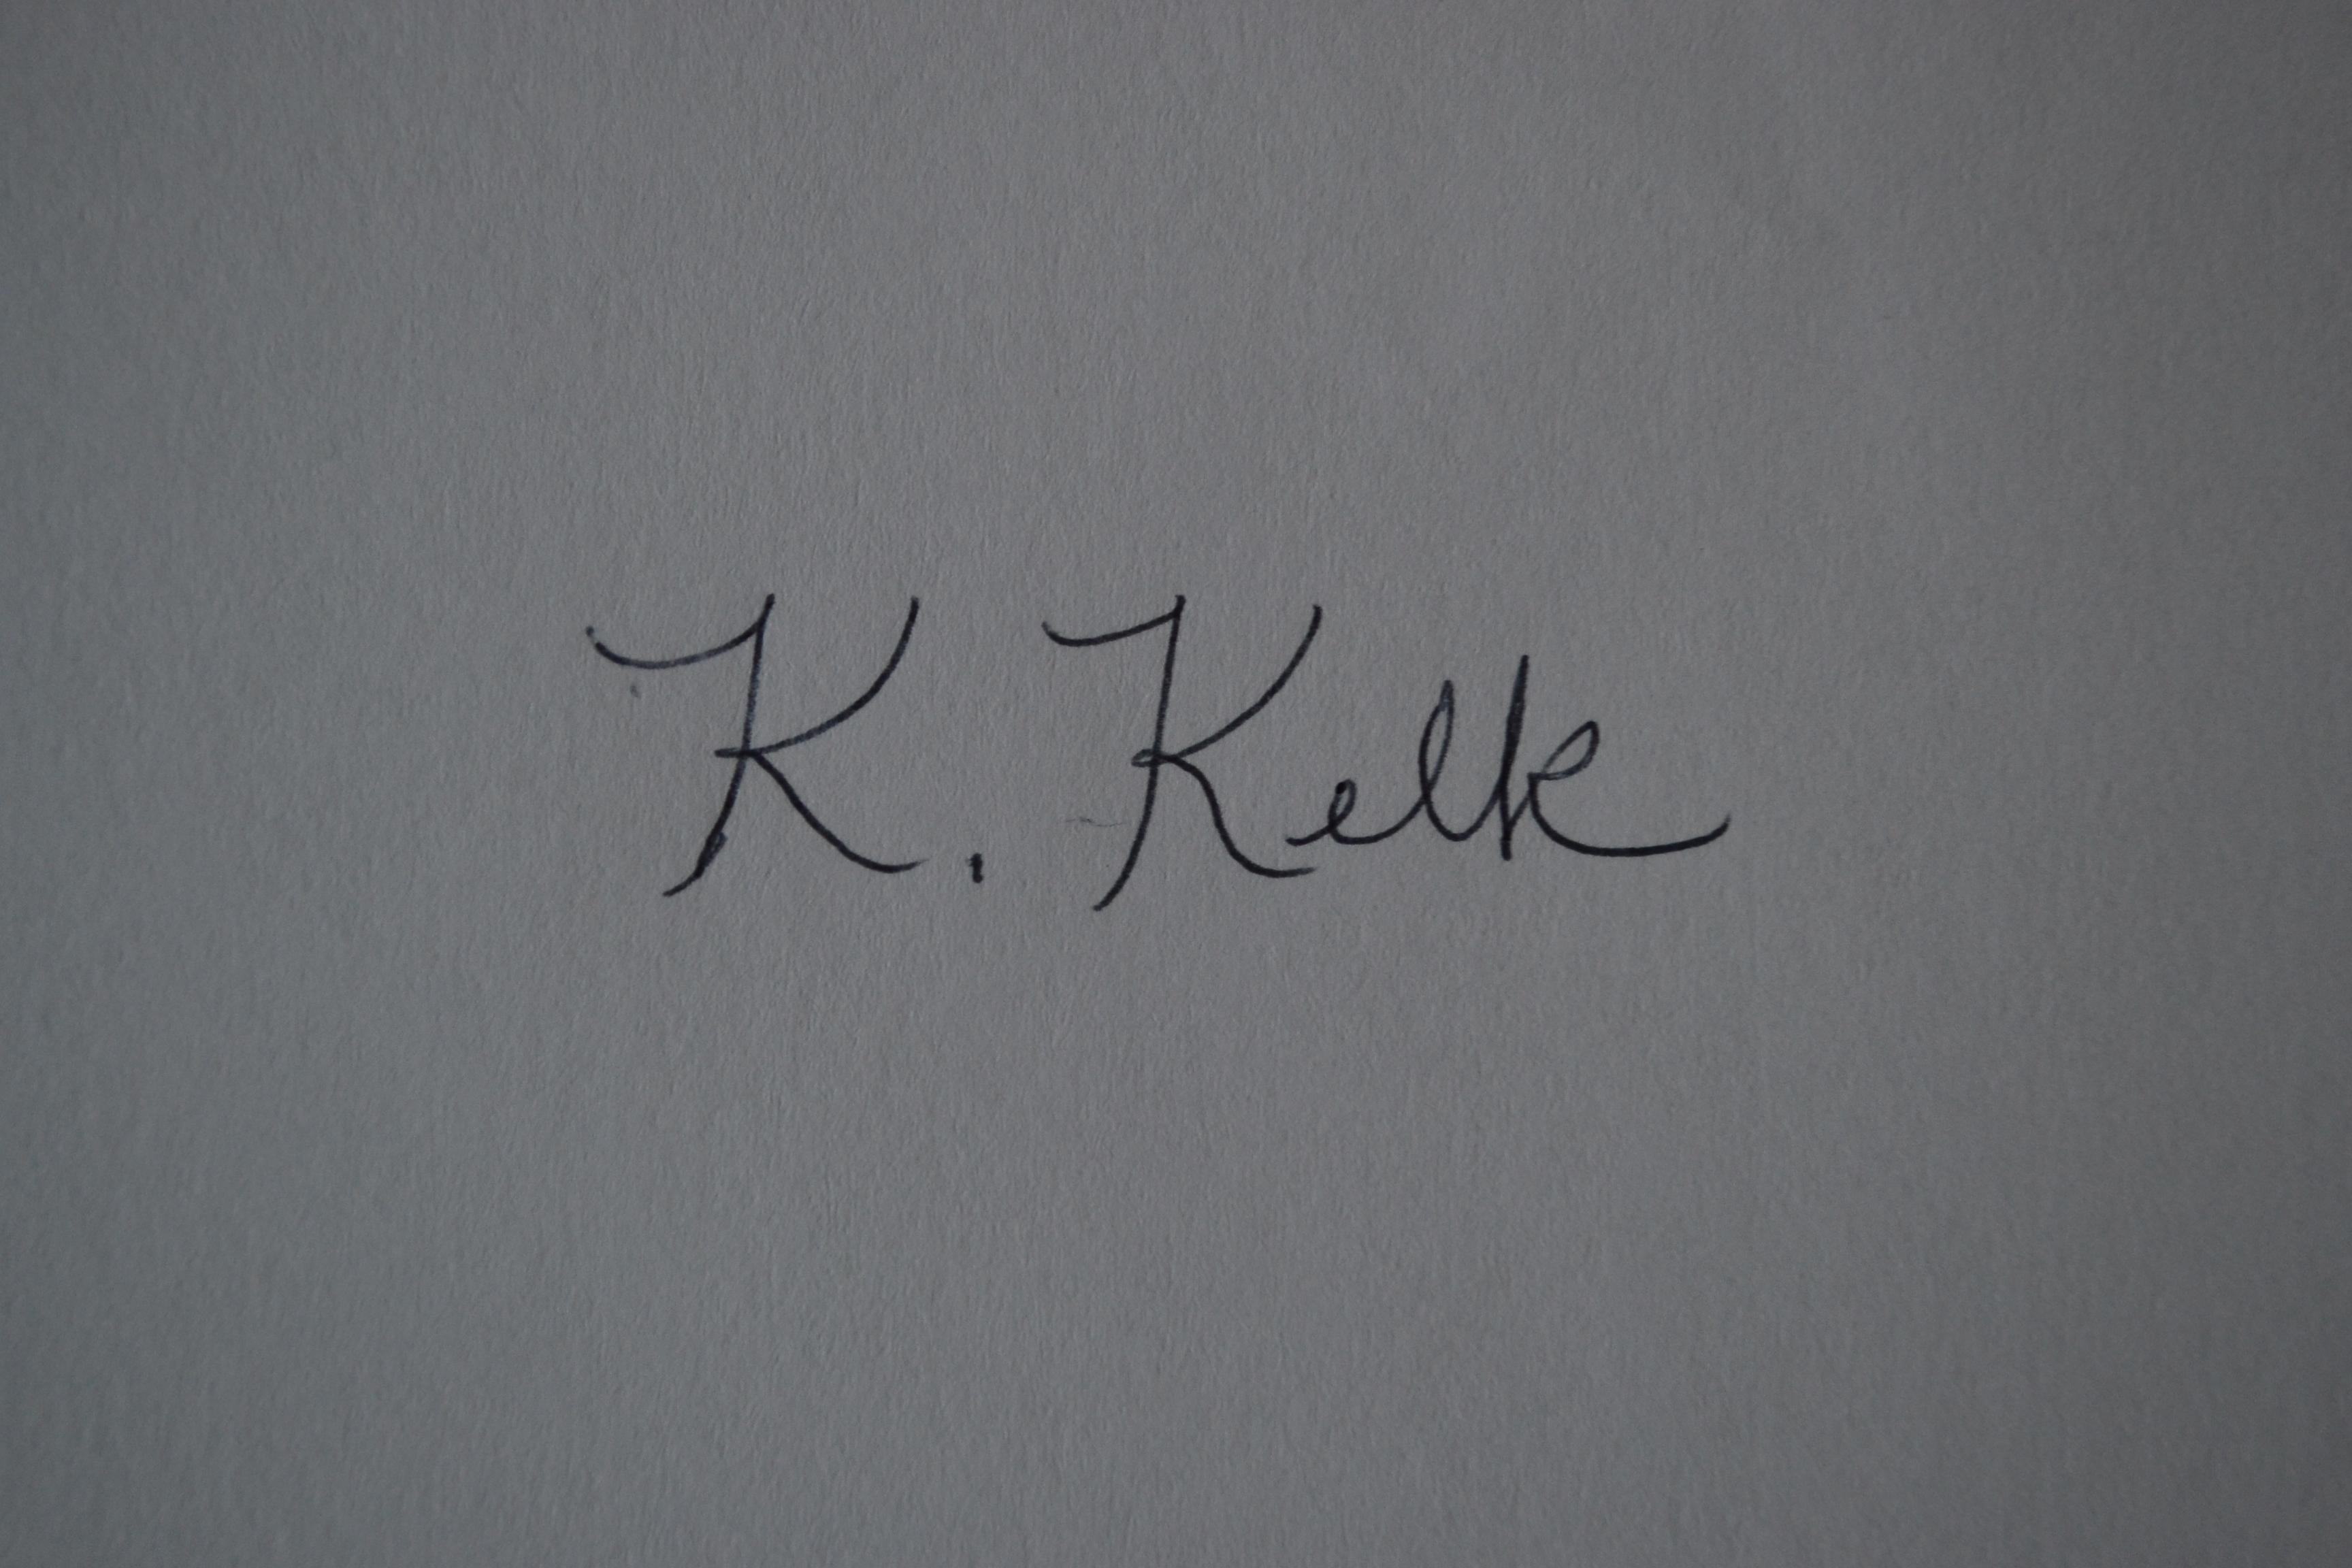 Katherine Kelk Signature